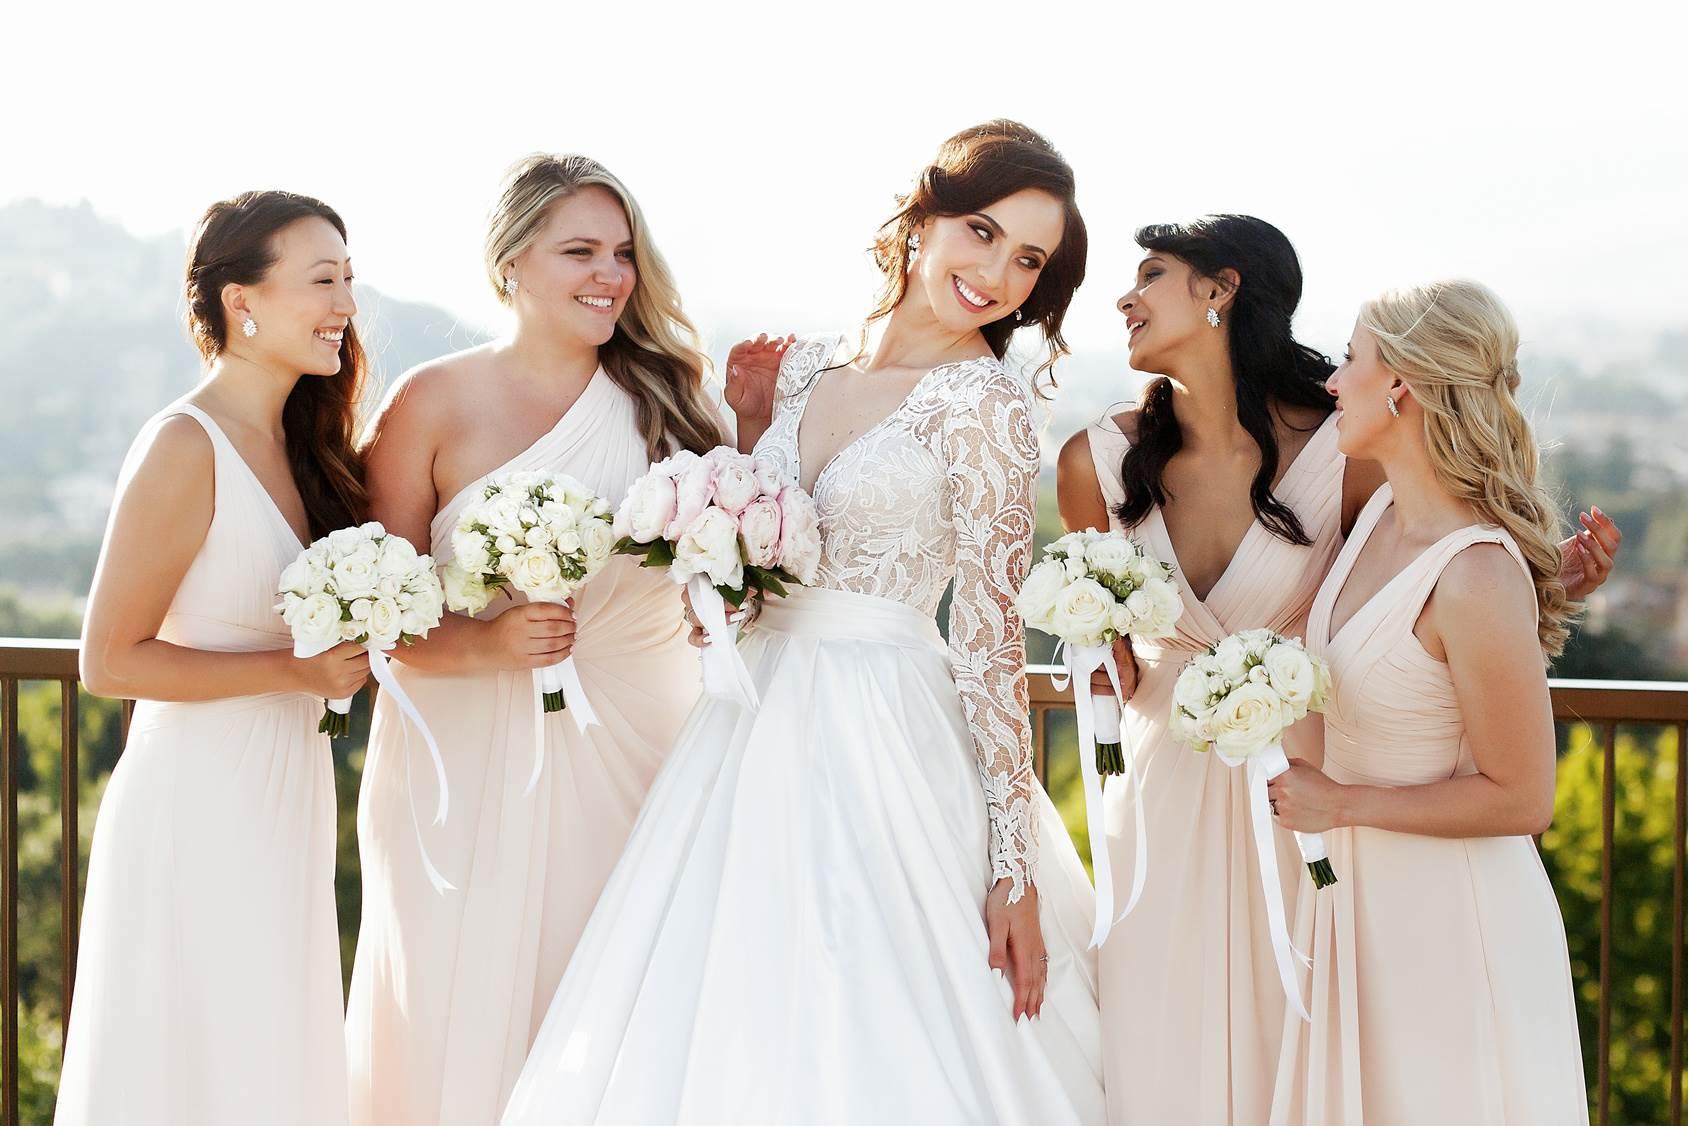 Brautkleider und Brautjungfer Kleider - Fahed Couture in Bückeburg